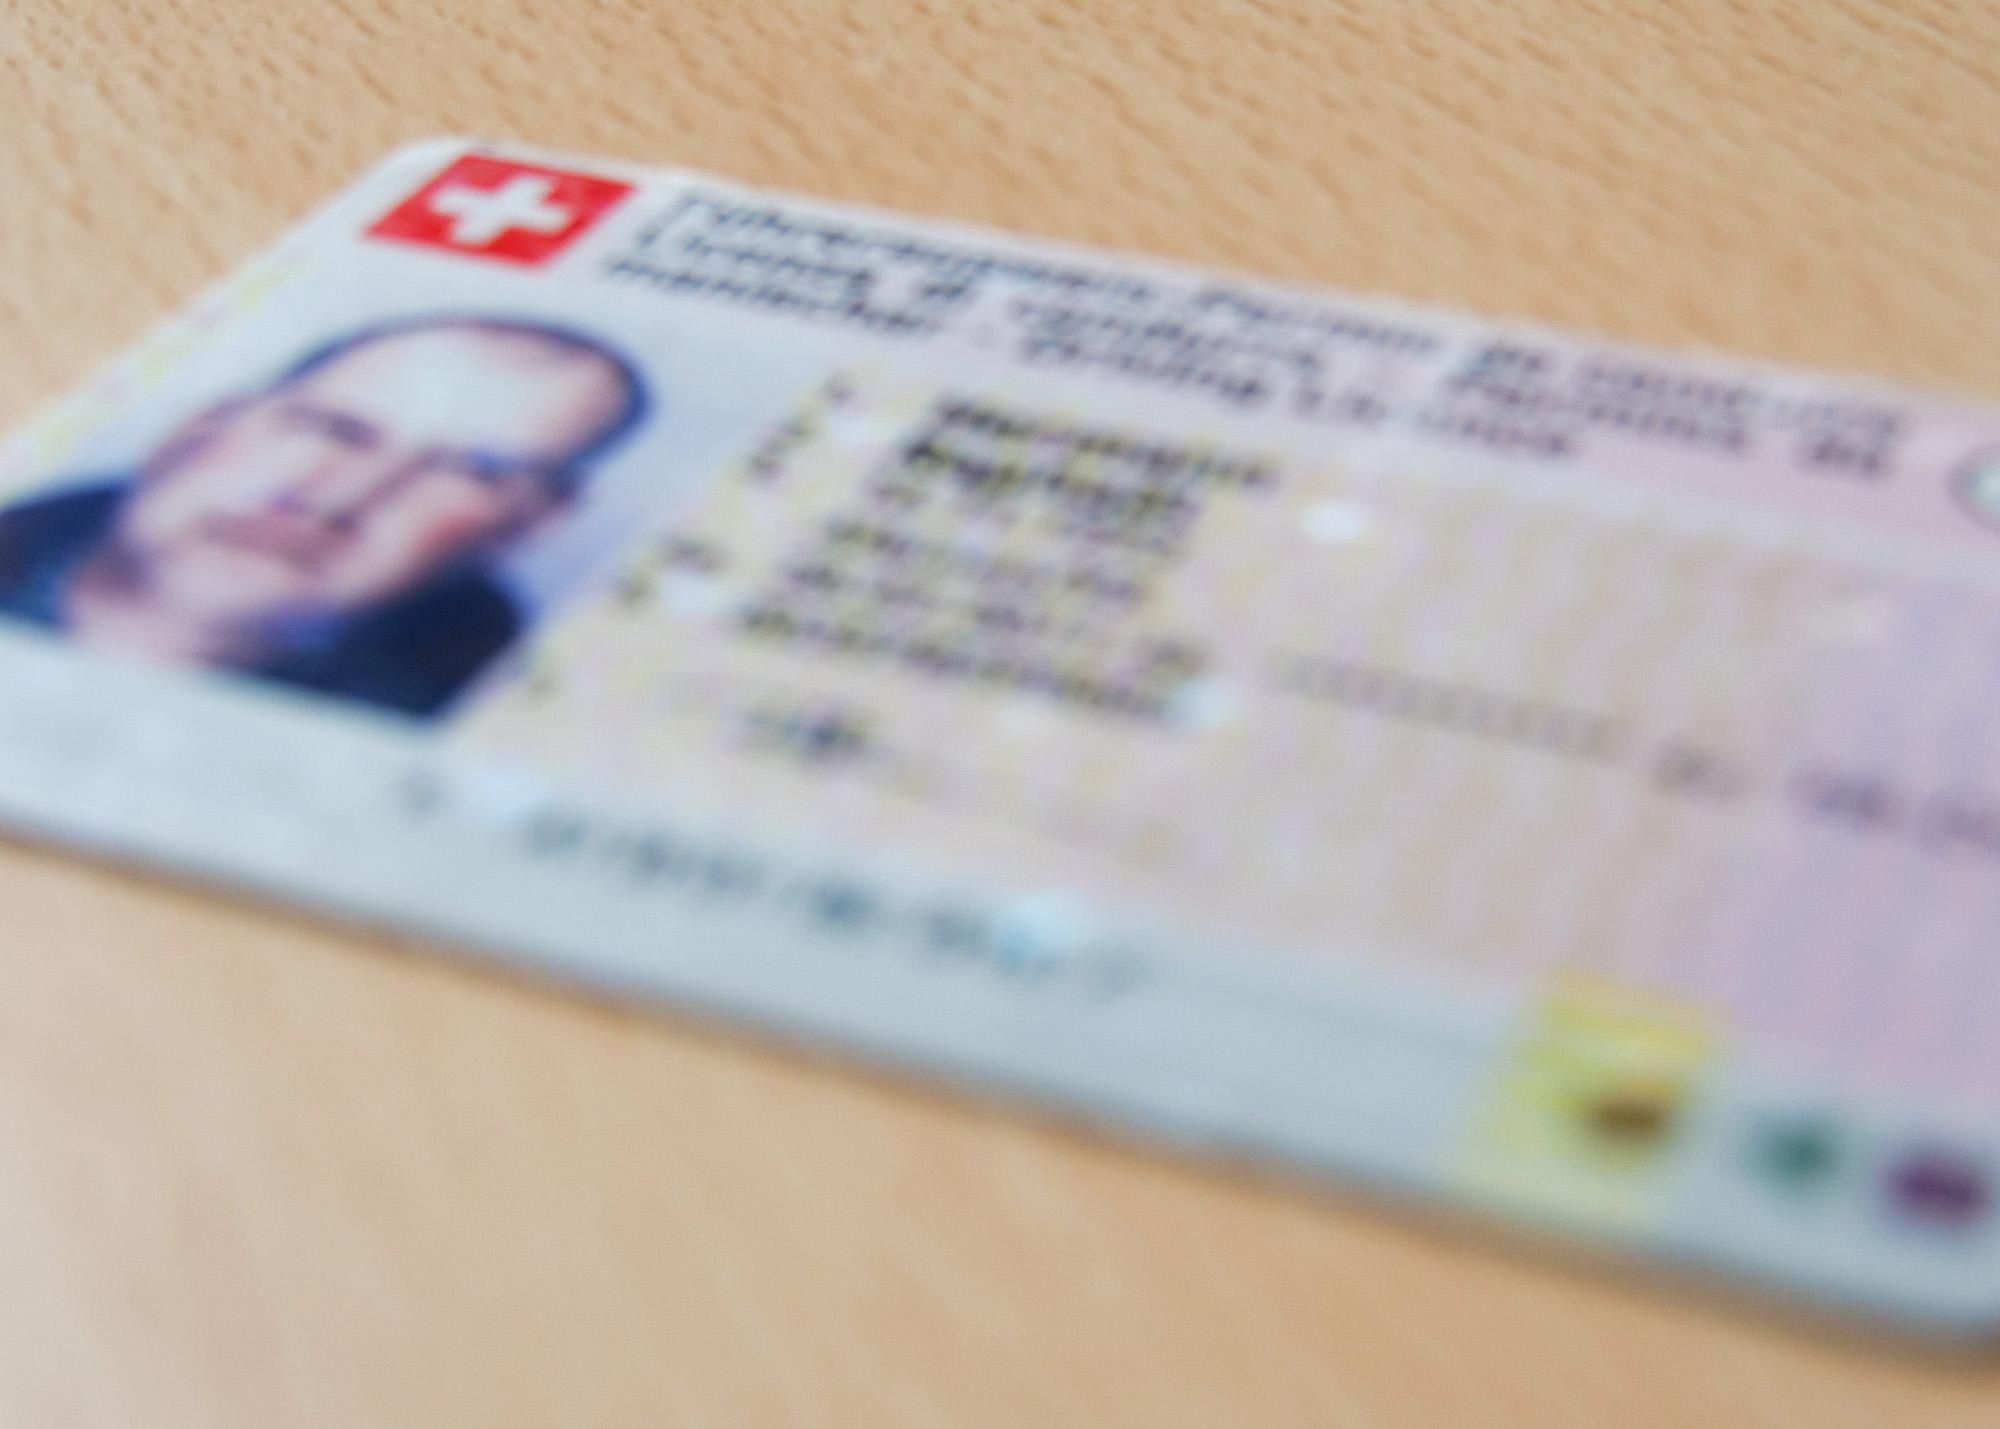 Perte Ou Vol D Un Document D Identite Site Officiel De L Etat De